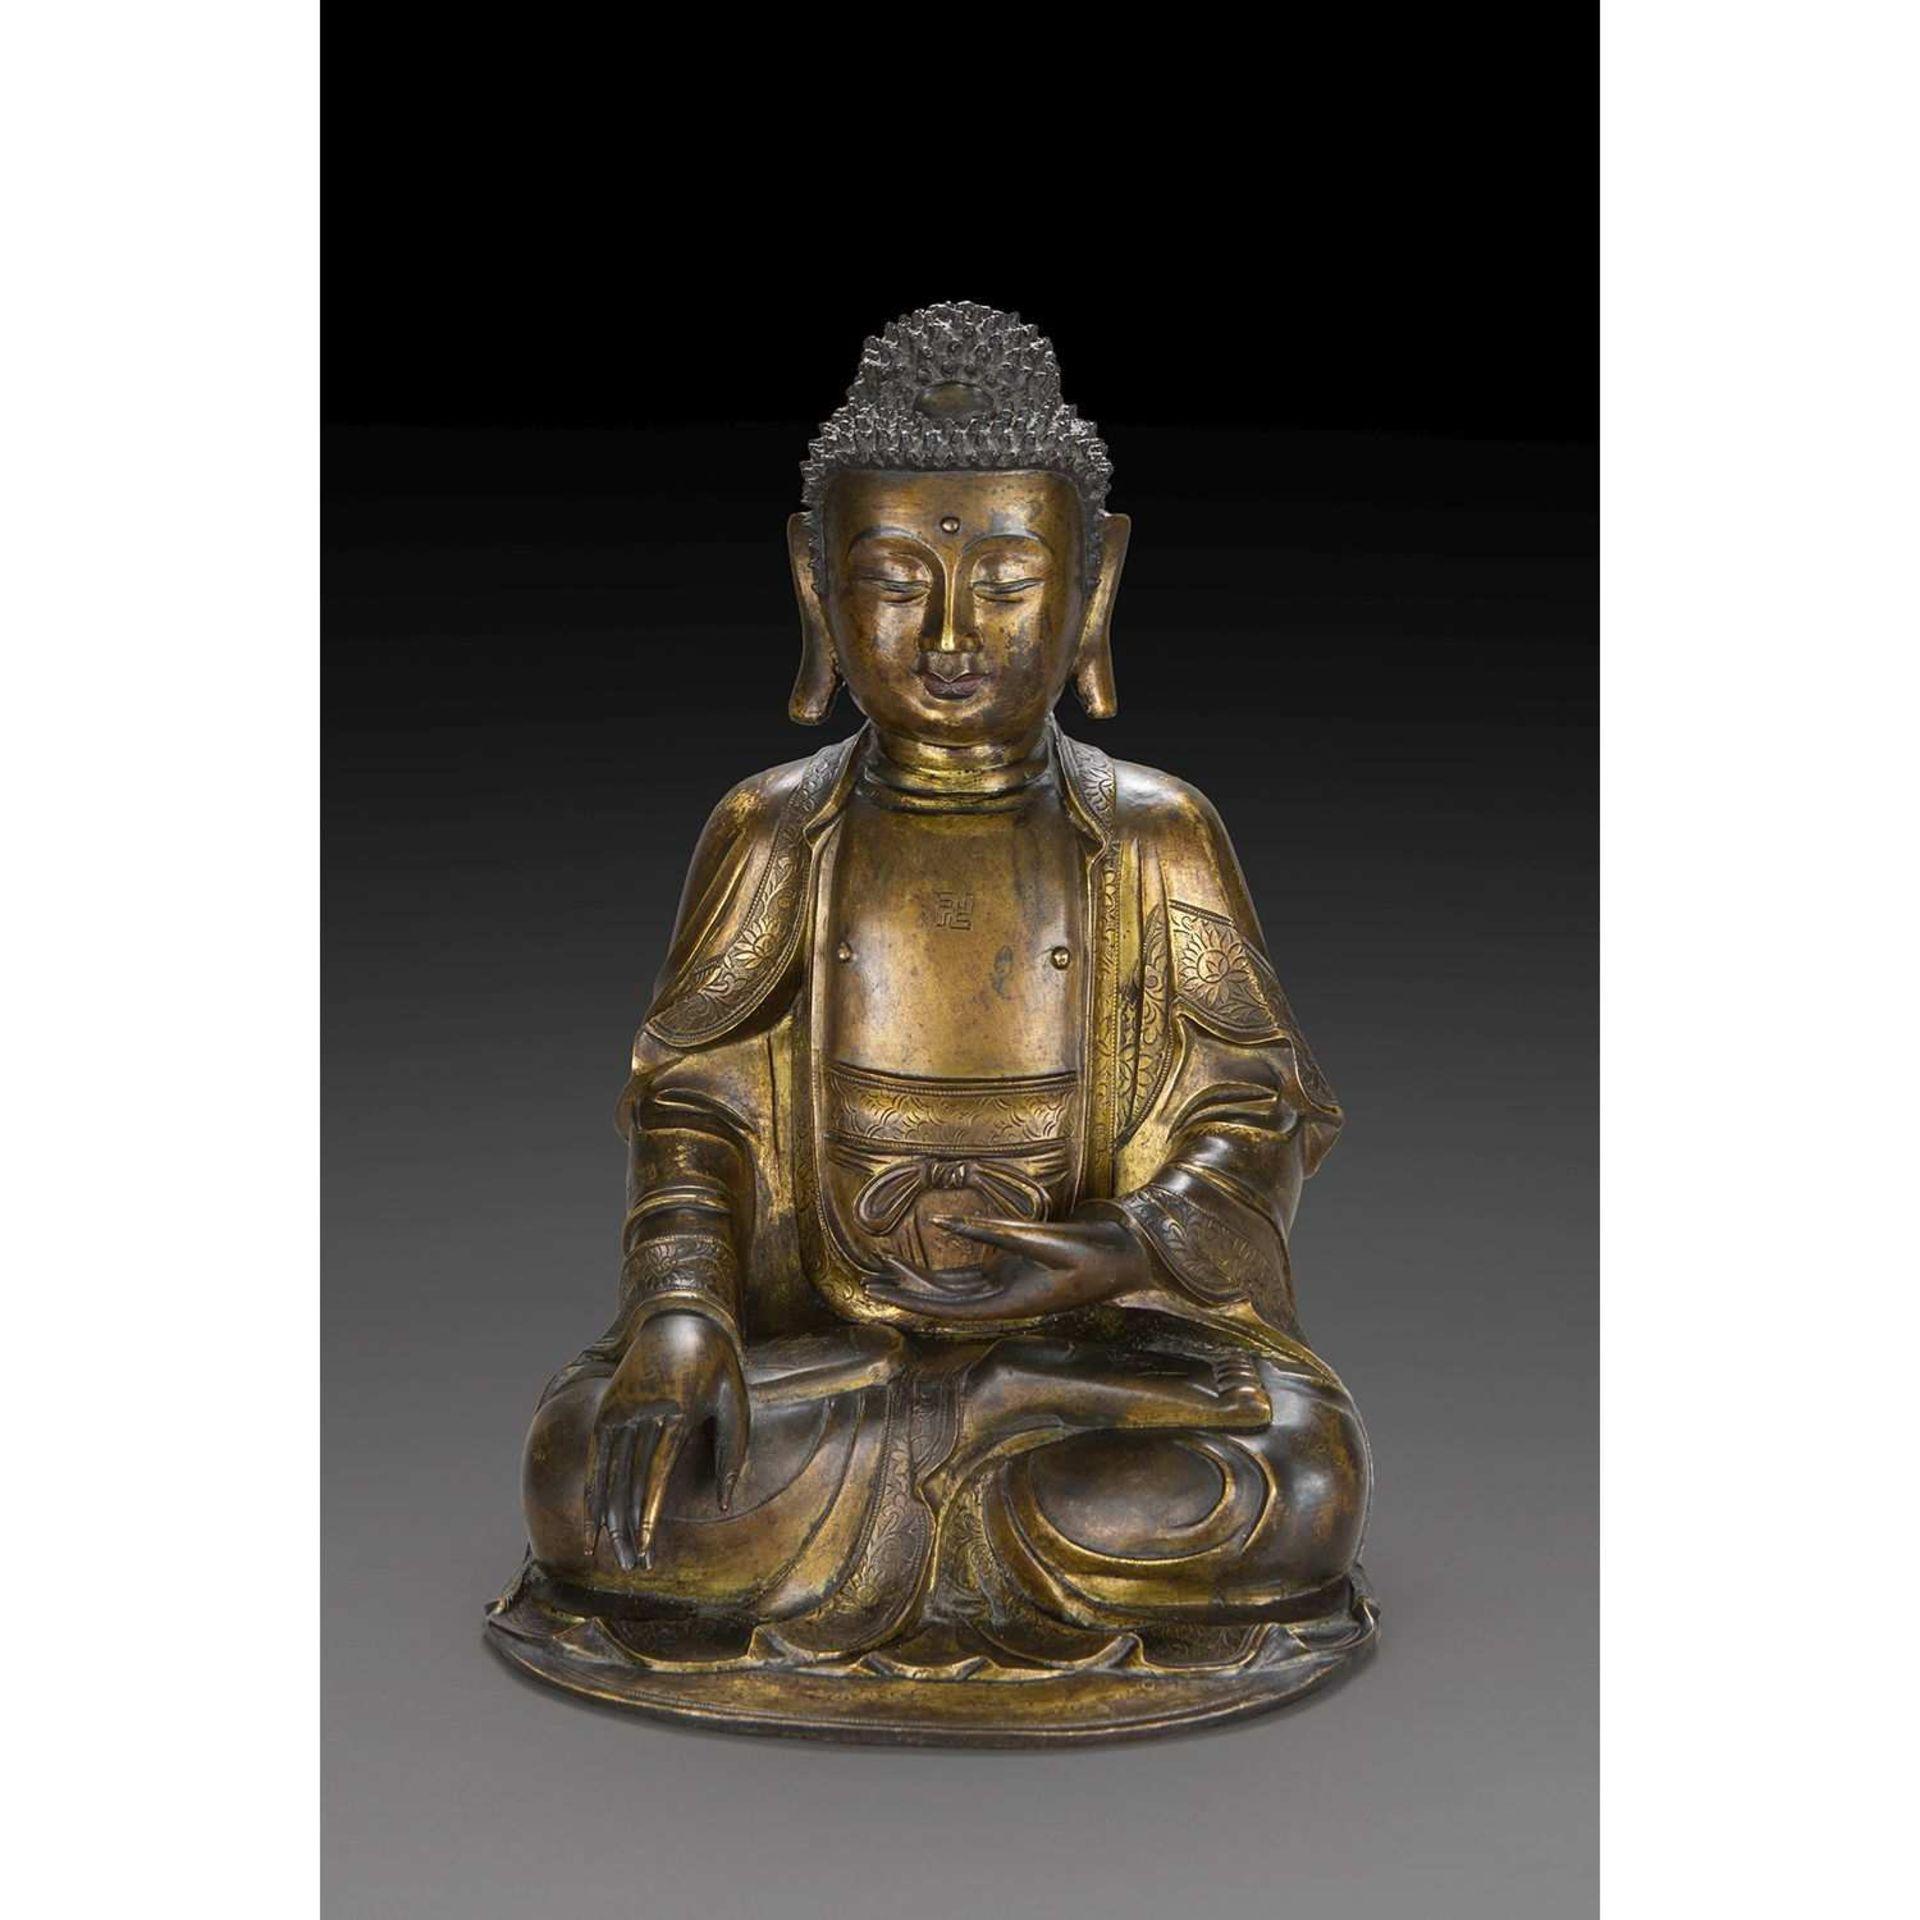 GRANDE STATUETTE DE BOUDDHA SHAKYAMUNI en bronze doré, assis en dhyanasana, les mains en